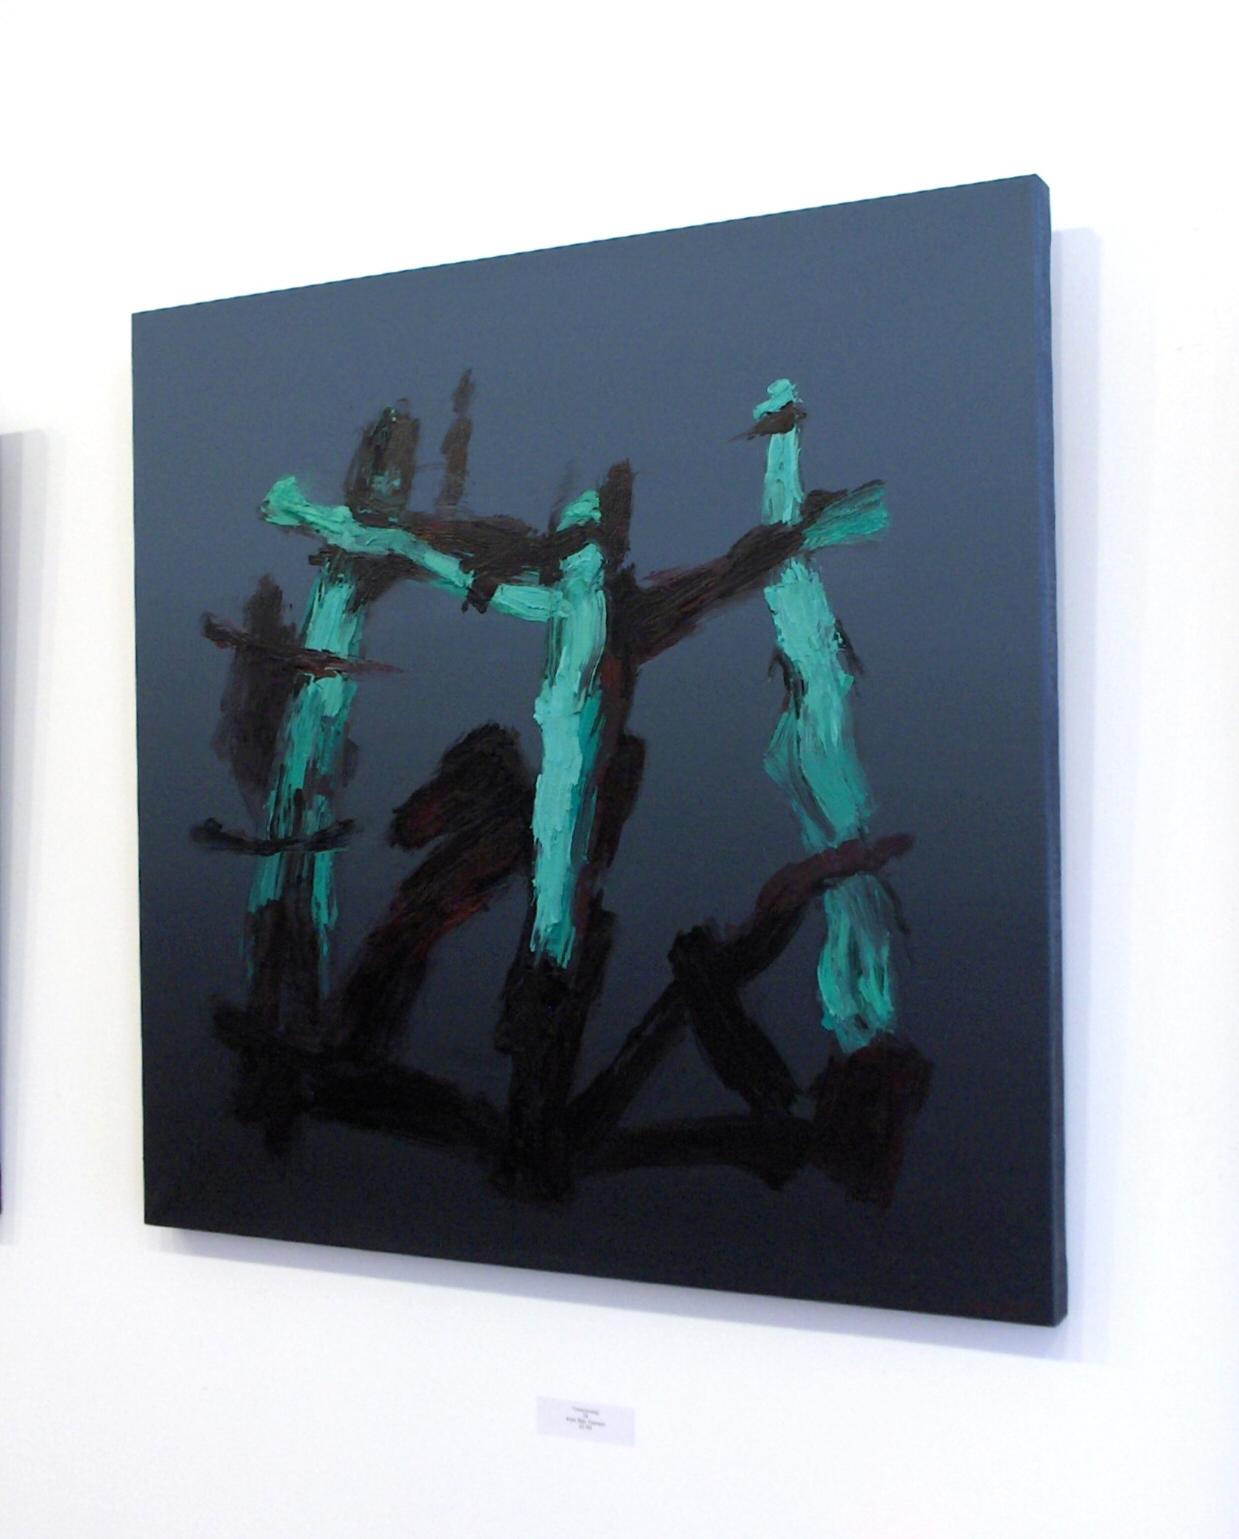 'Sea Margins' by artist Blair Thomson